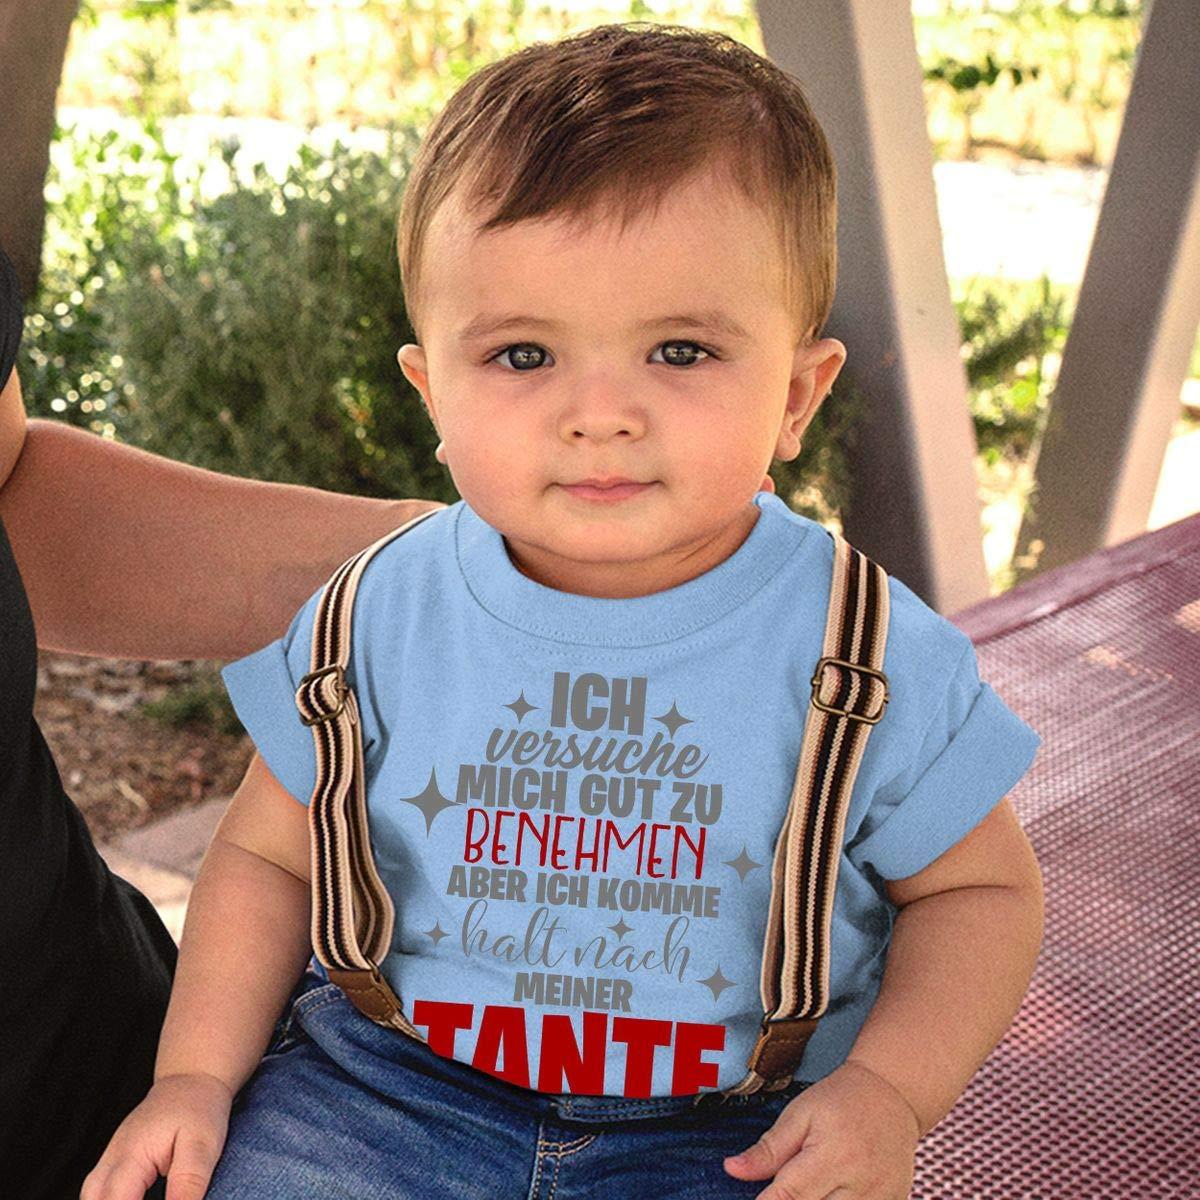 handbedruckt in Deutschland Handmade with Love Mikalino Baby//Kinder T-Shirt mit Spruch f/ür Jungen M/ädchen Unisex Kurzarm Ich versuche Mich gut zu benehmen